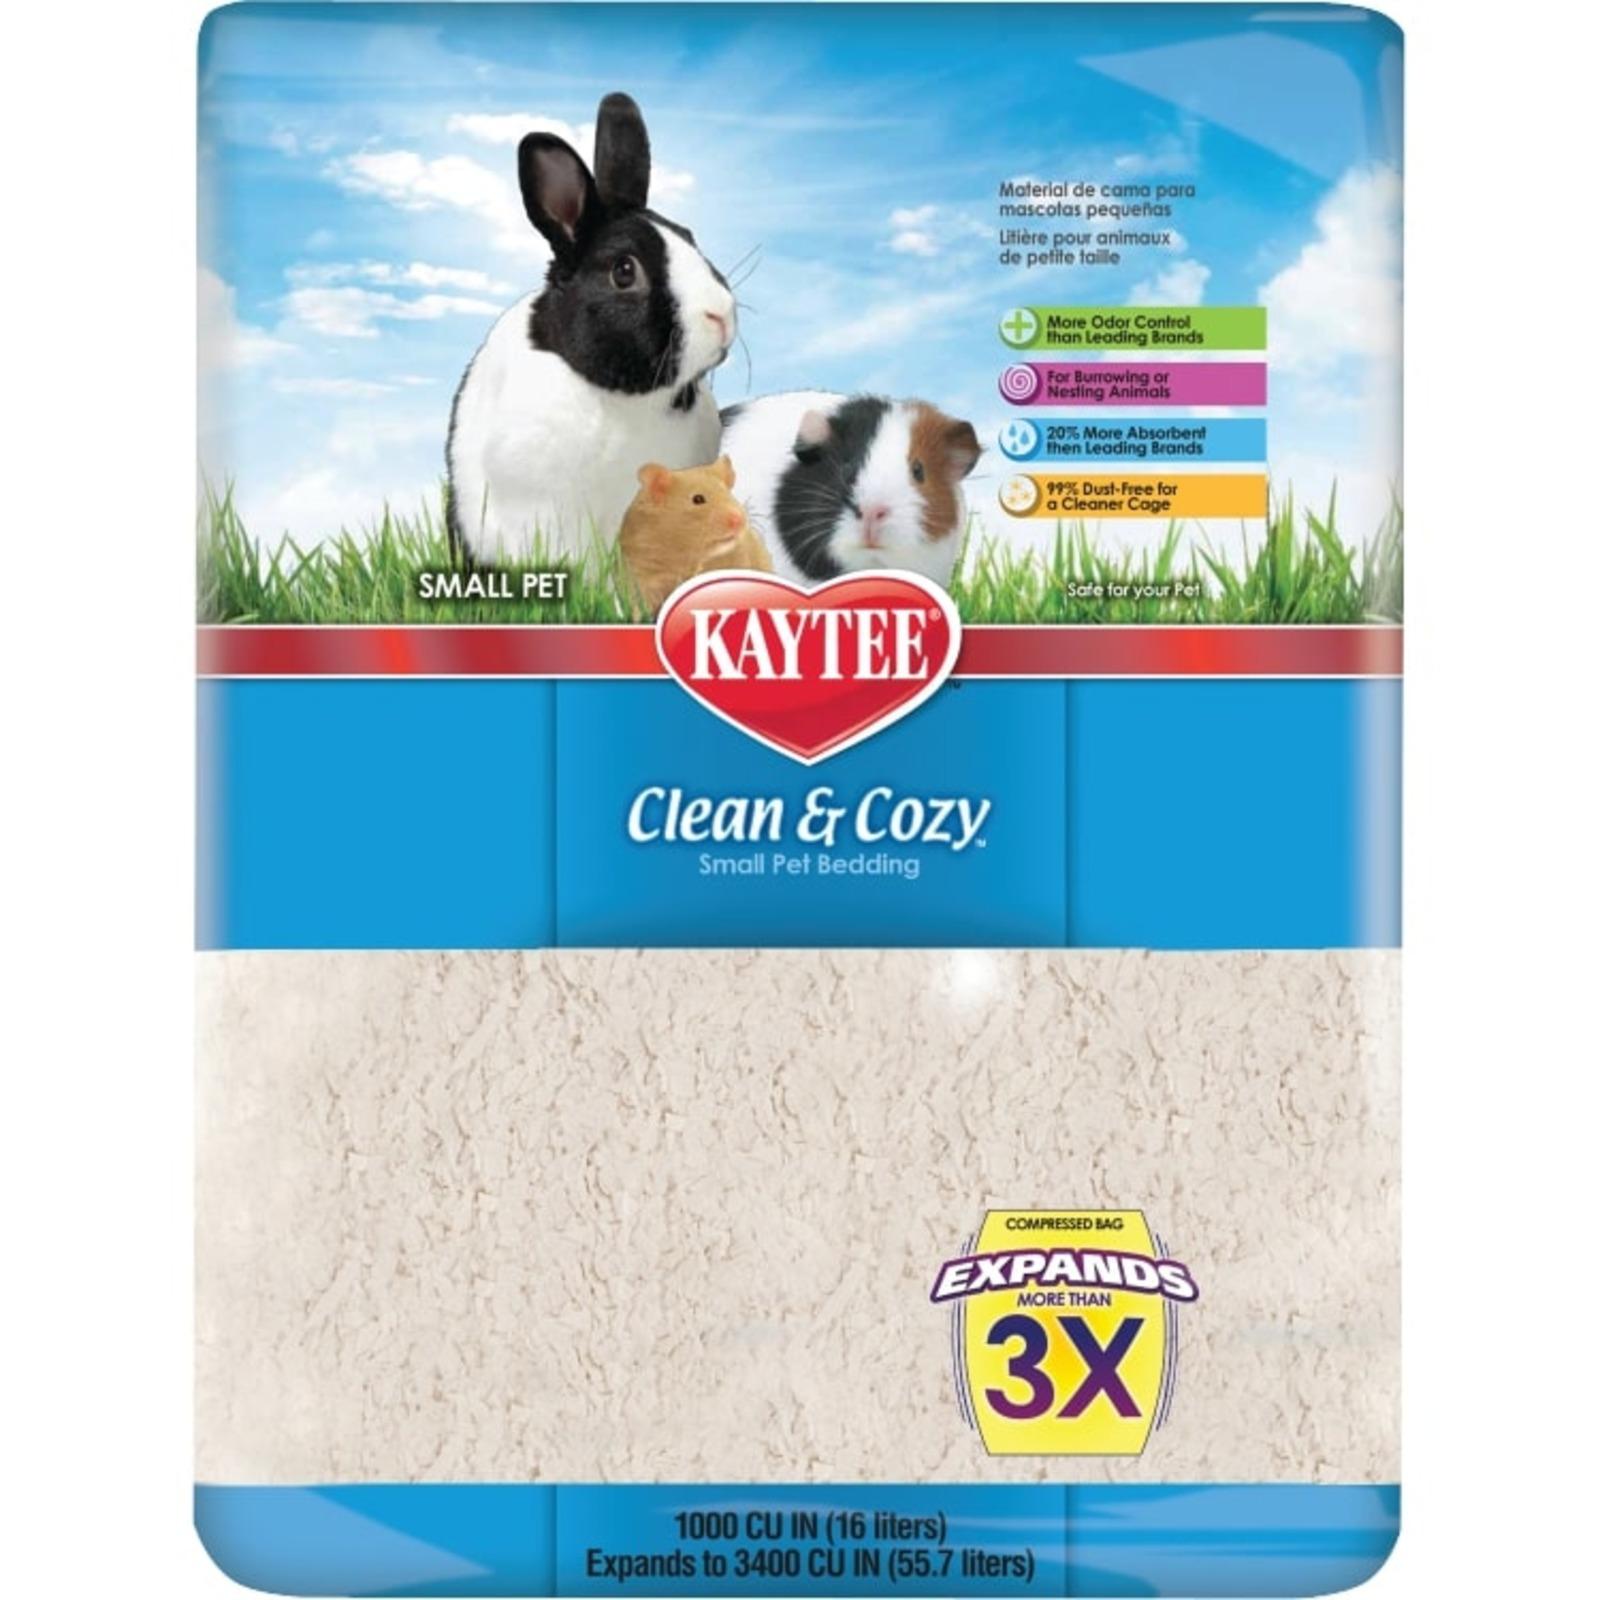 Kaytee Clean & Cozy 1000Cu In (16L)